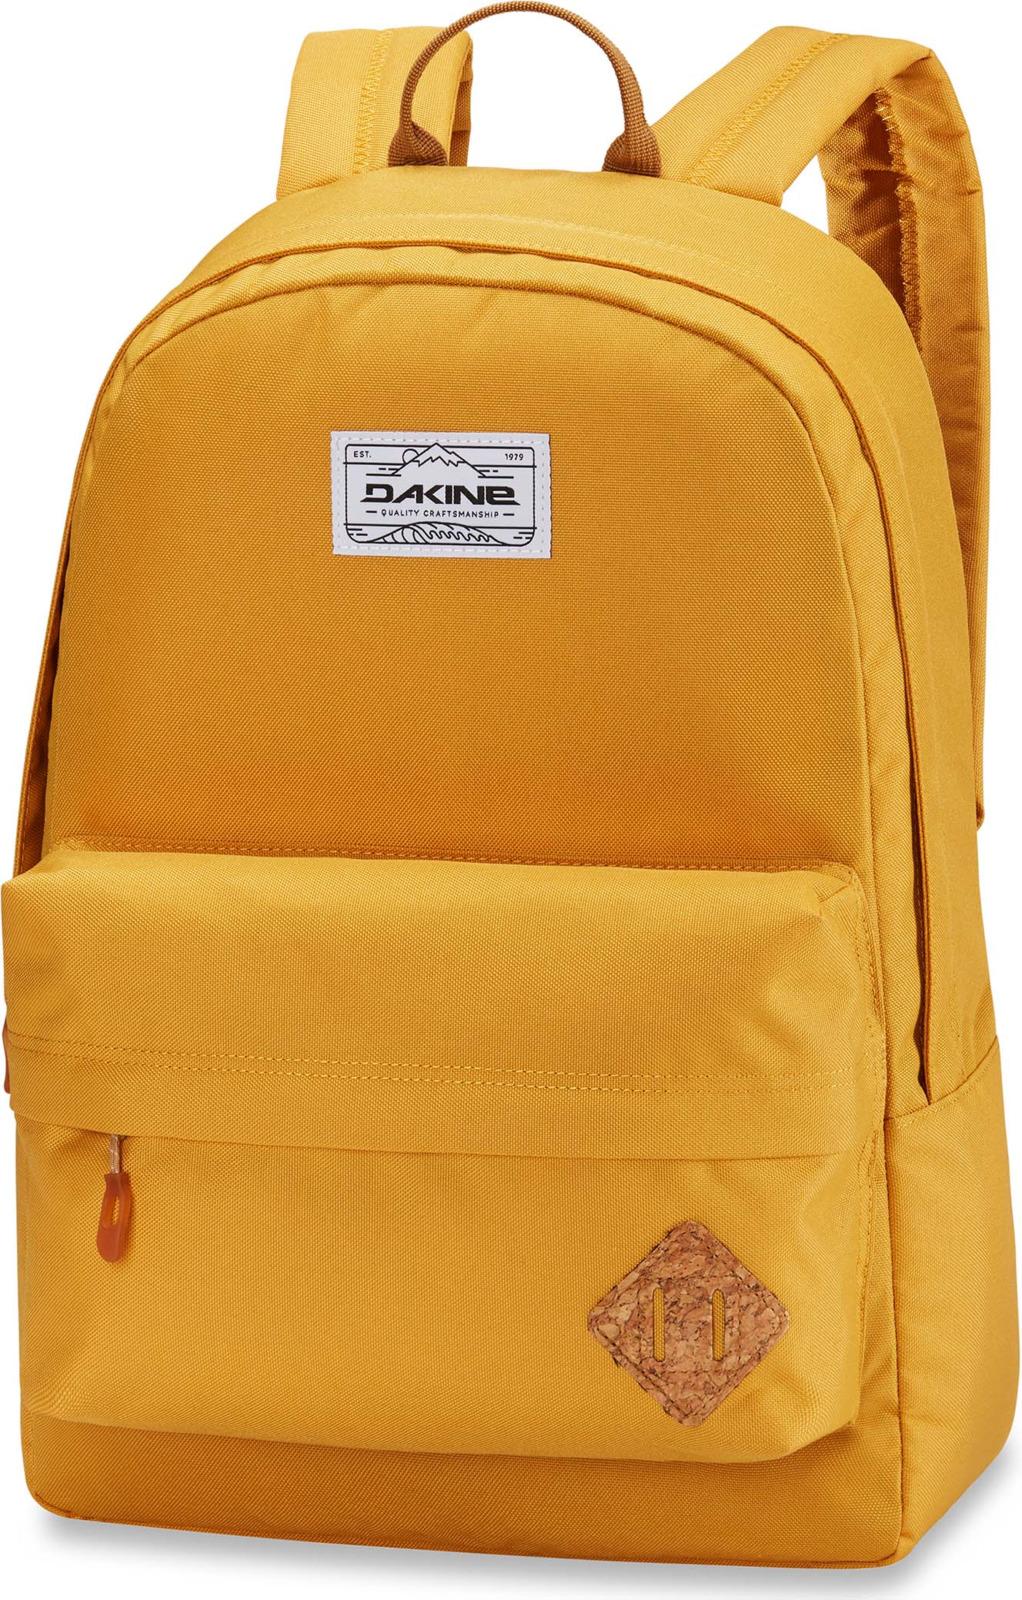 Рюкзак Dakine 365 Pack, цвет: желтый, 21 л dakine рюкзак dakine dk 365 dewilde 21 л